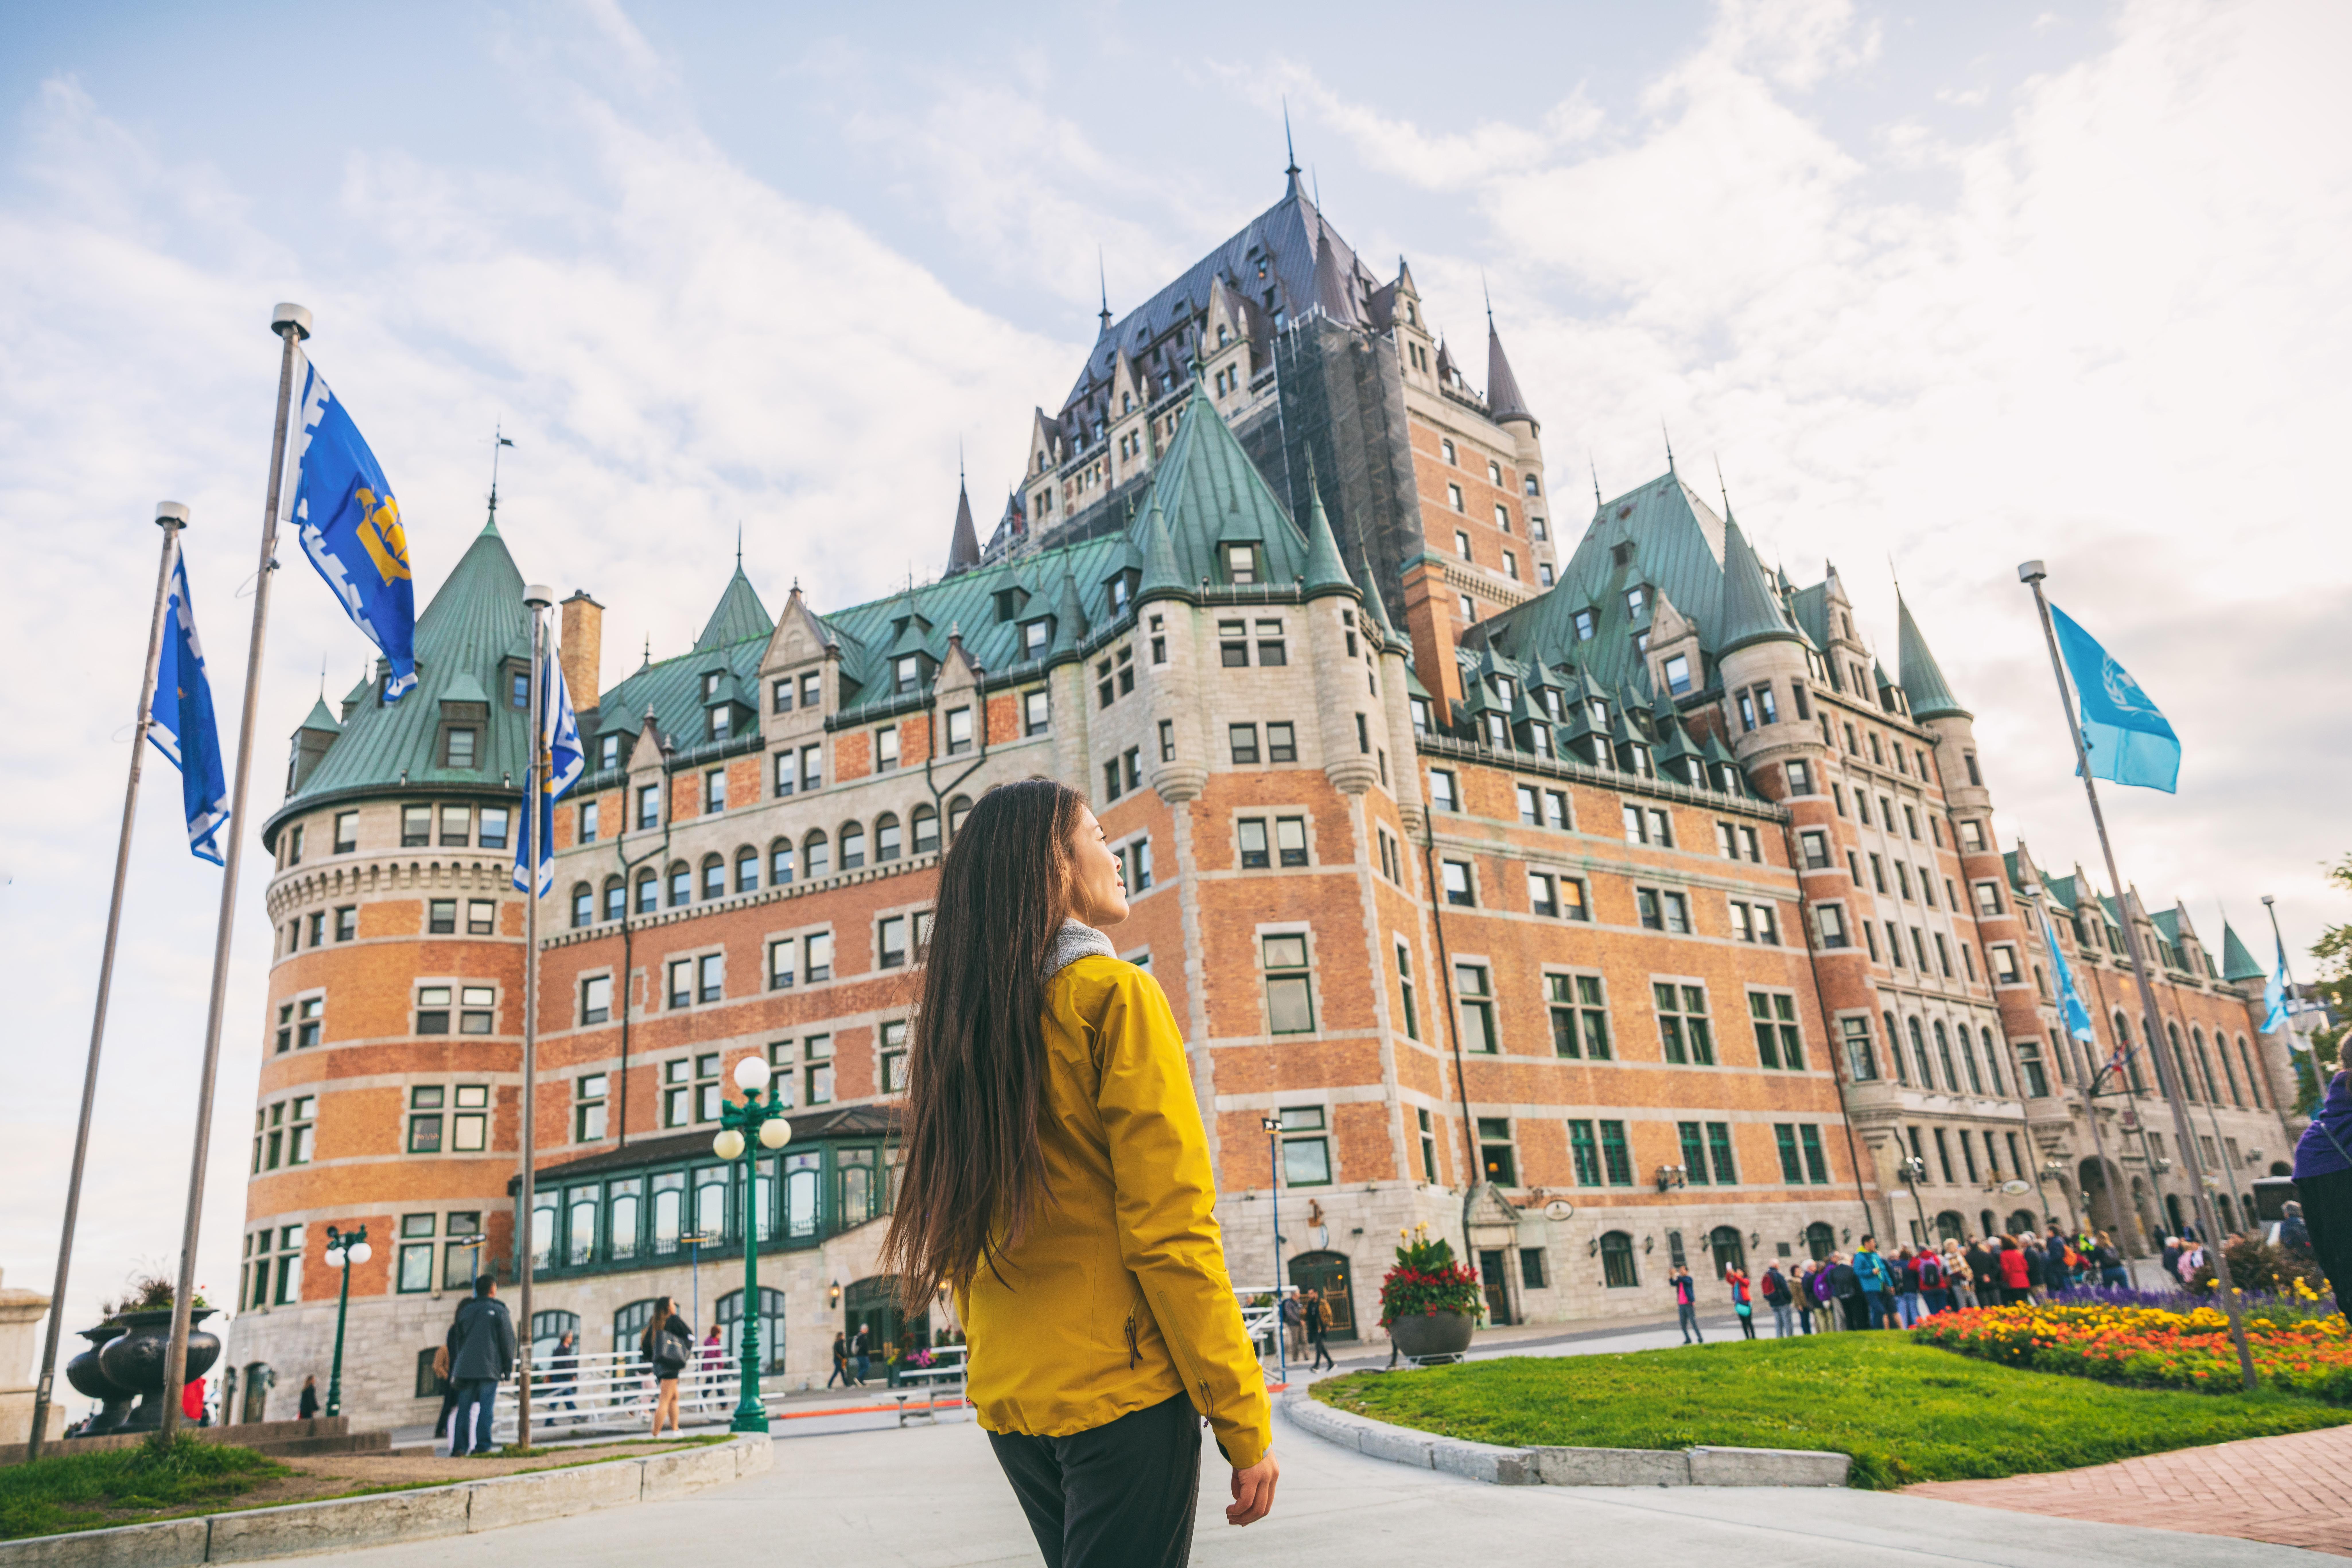 Девушка на фоне университета приехала на обучение по студенческой визе в Канаду